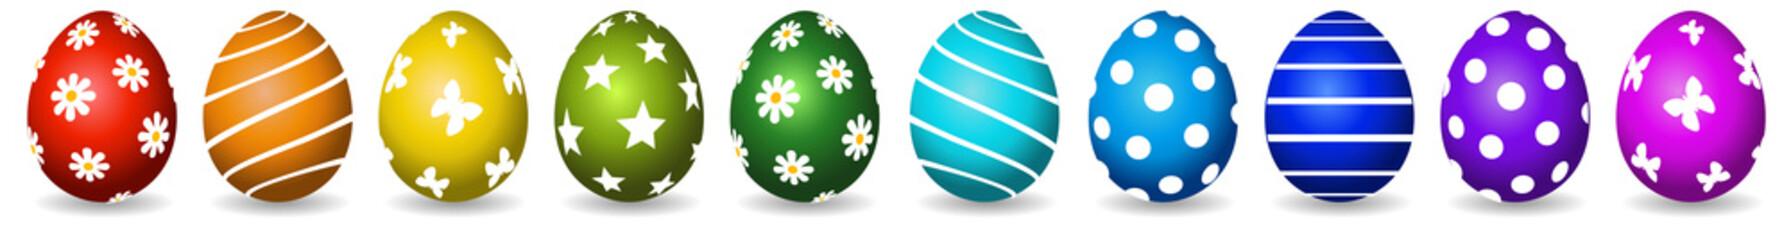 Bunte bemalte Eier